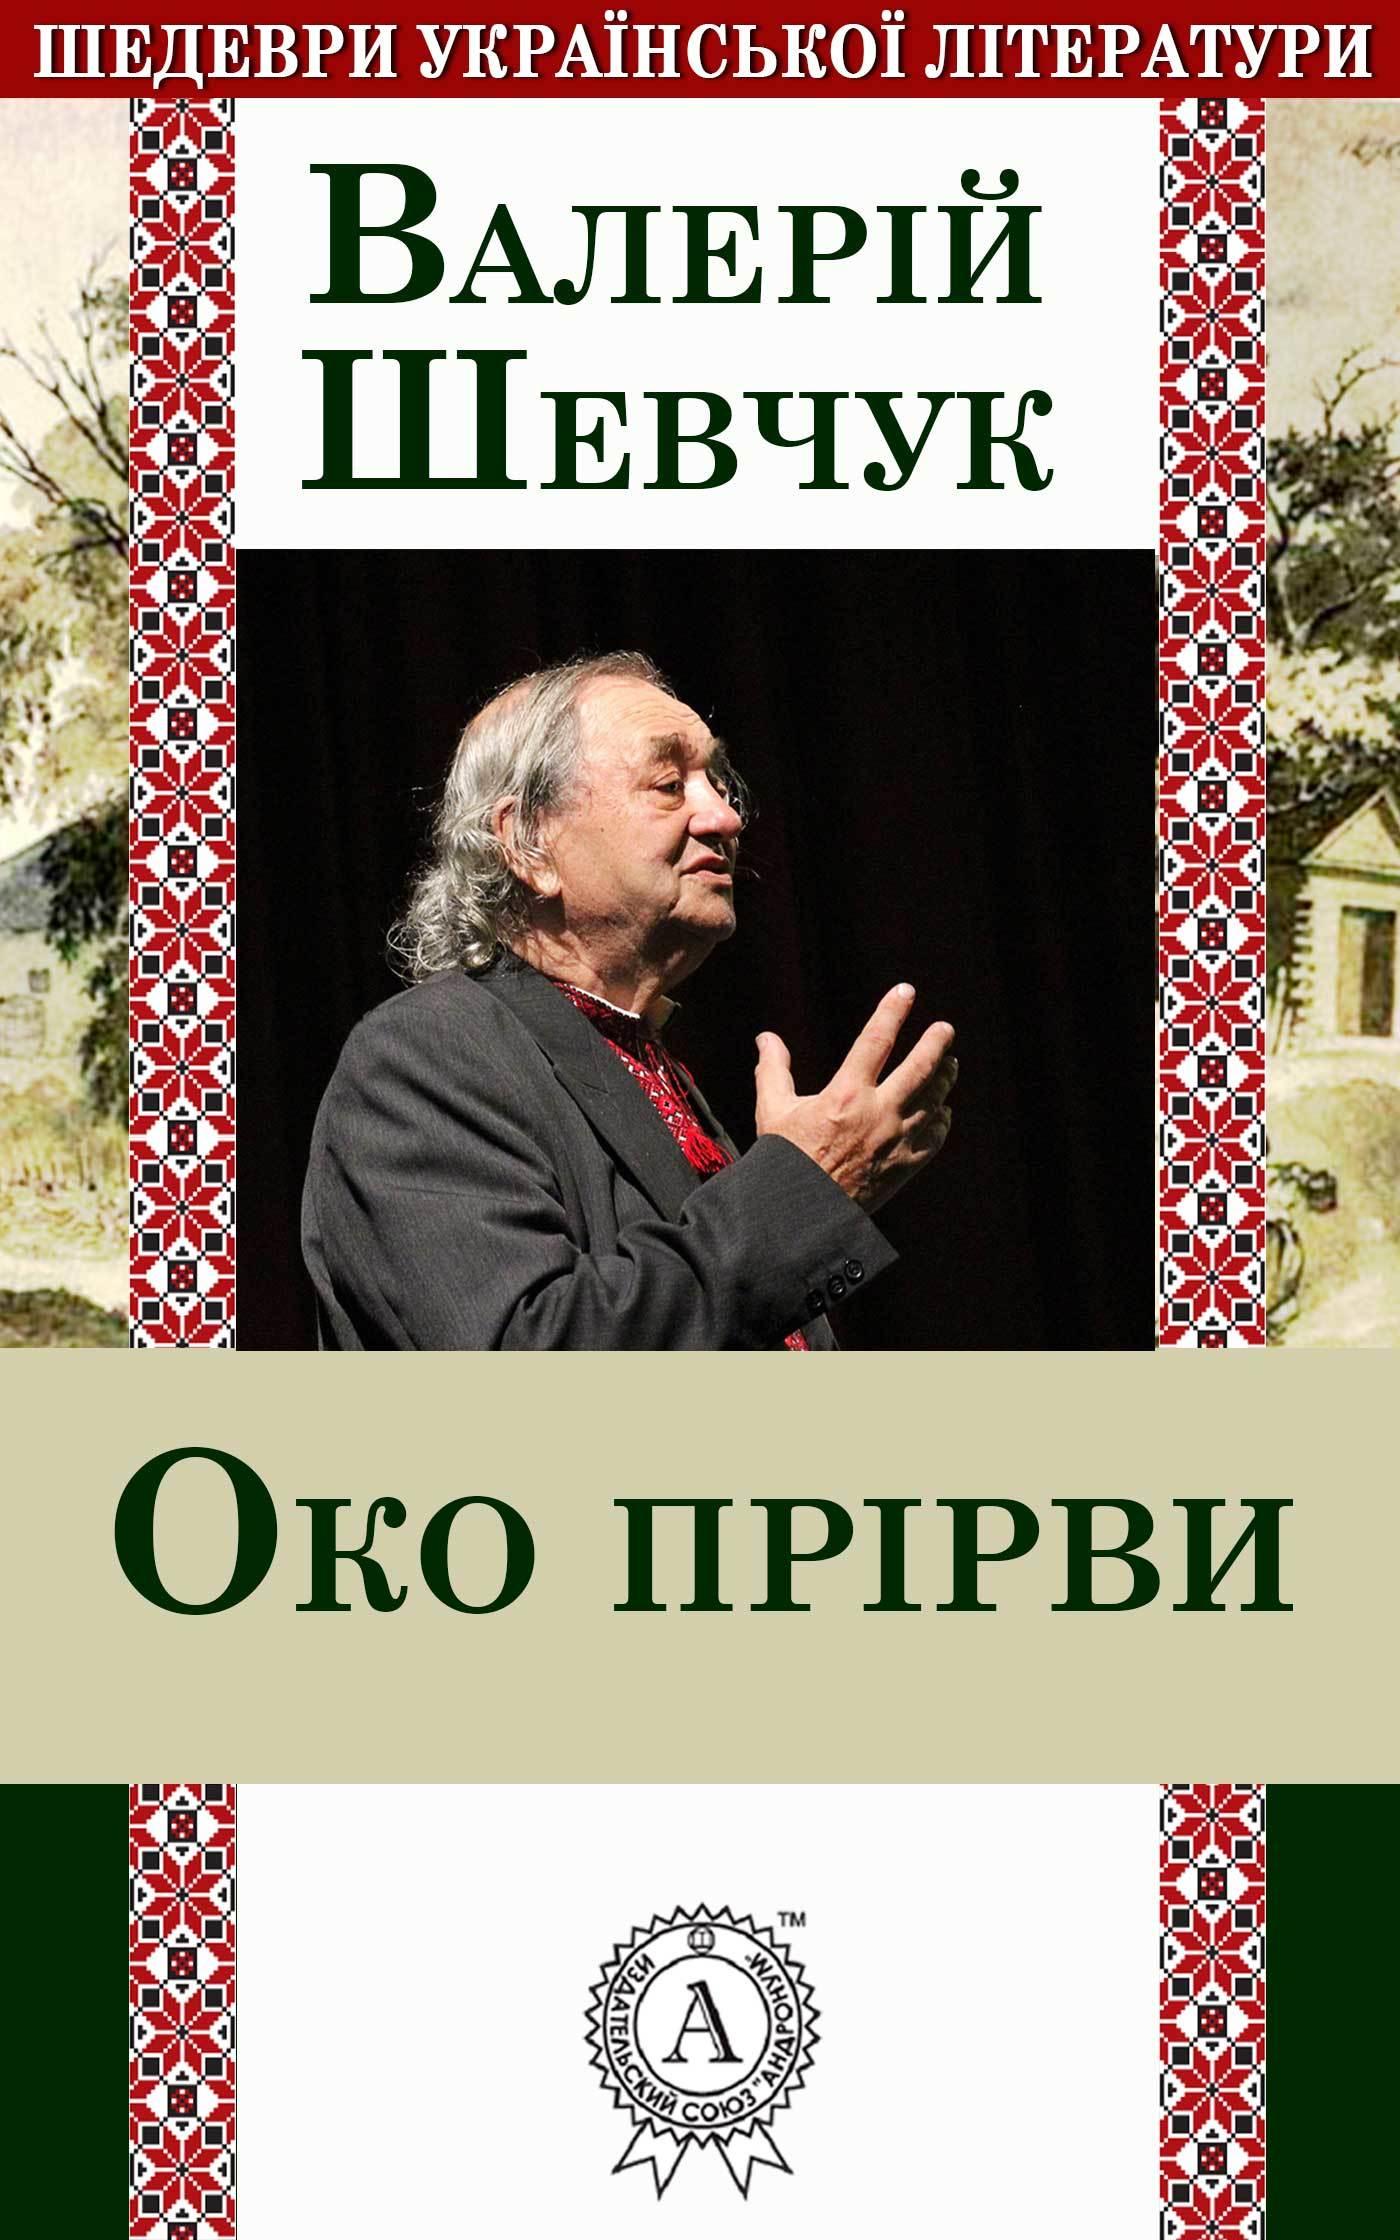 Око прірви ( Валерій Шевчук  )